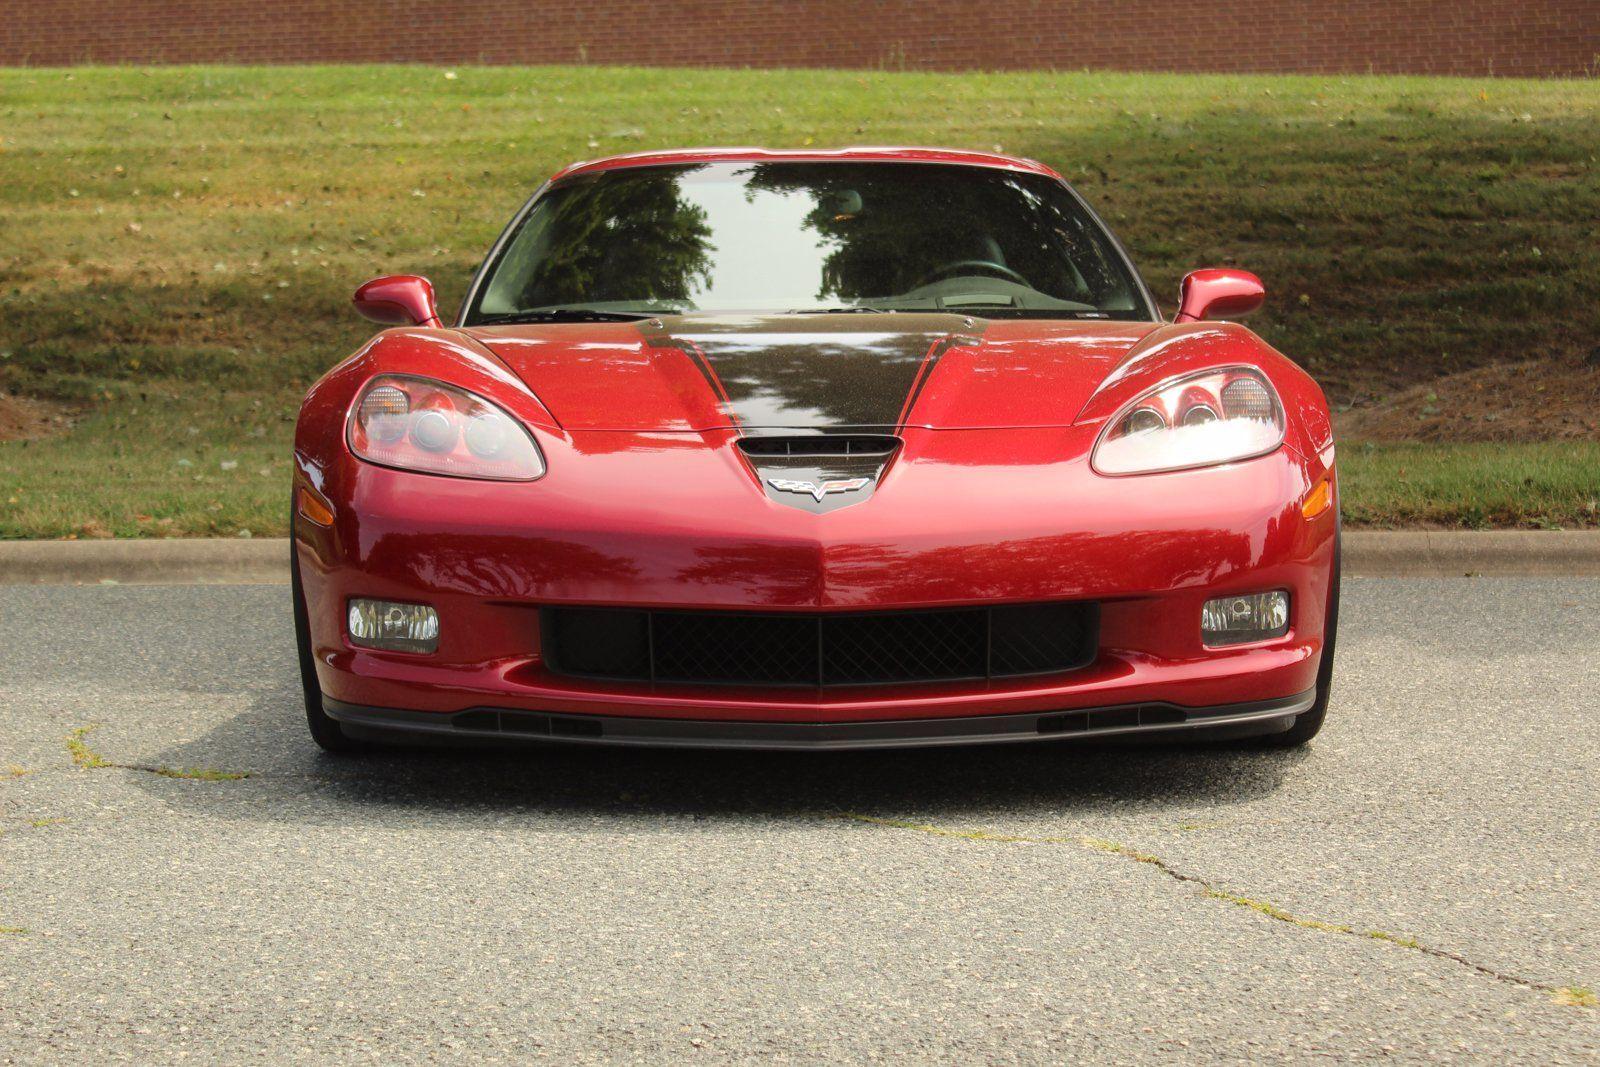 Used 2008 Chevrolet Corvette